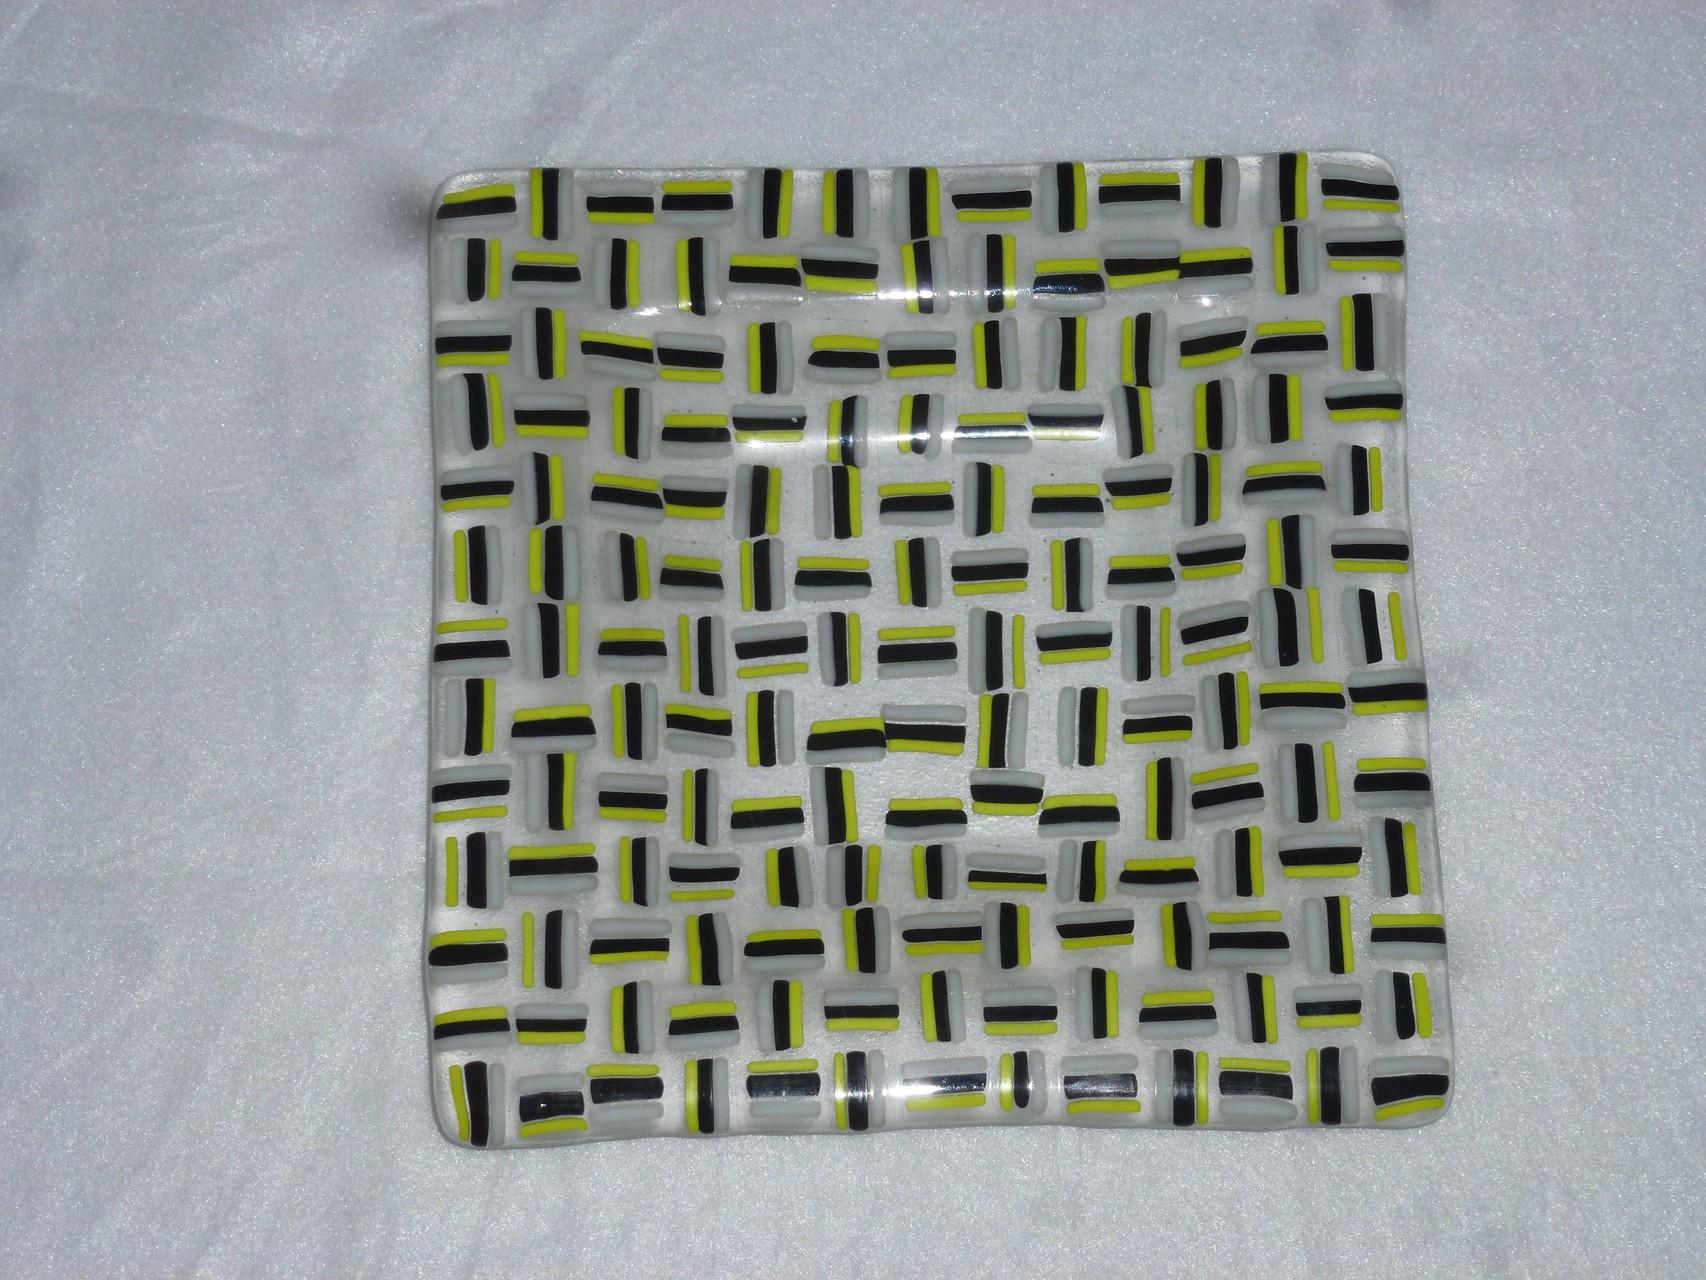 Quadratisch zirka 20x20cm